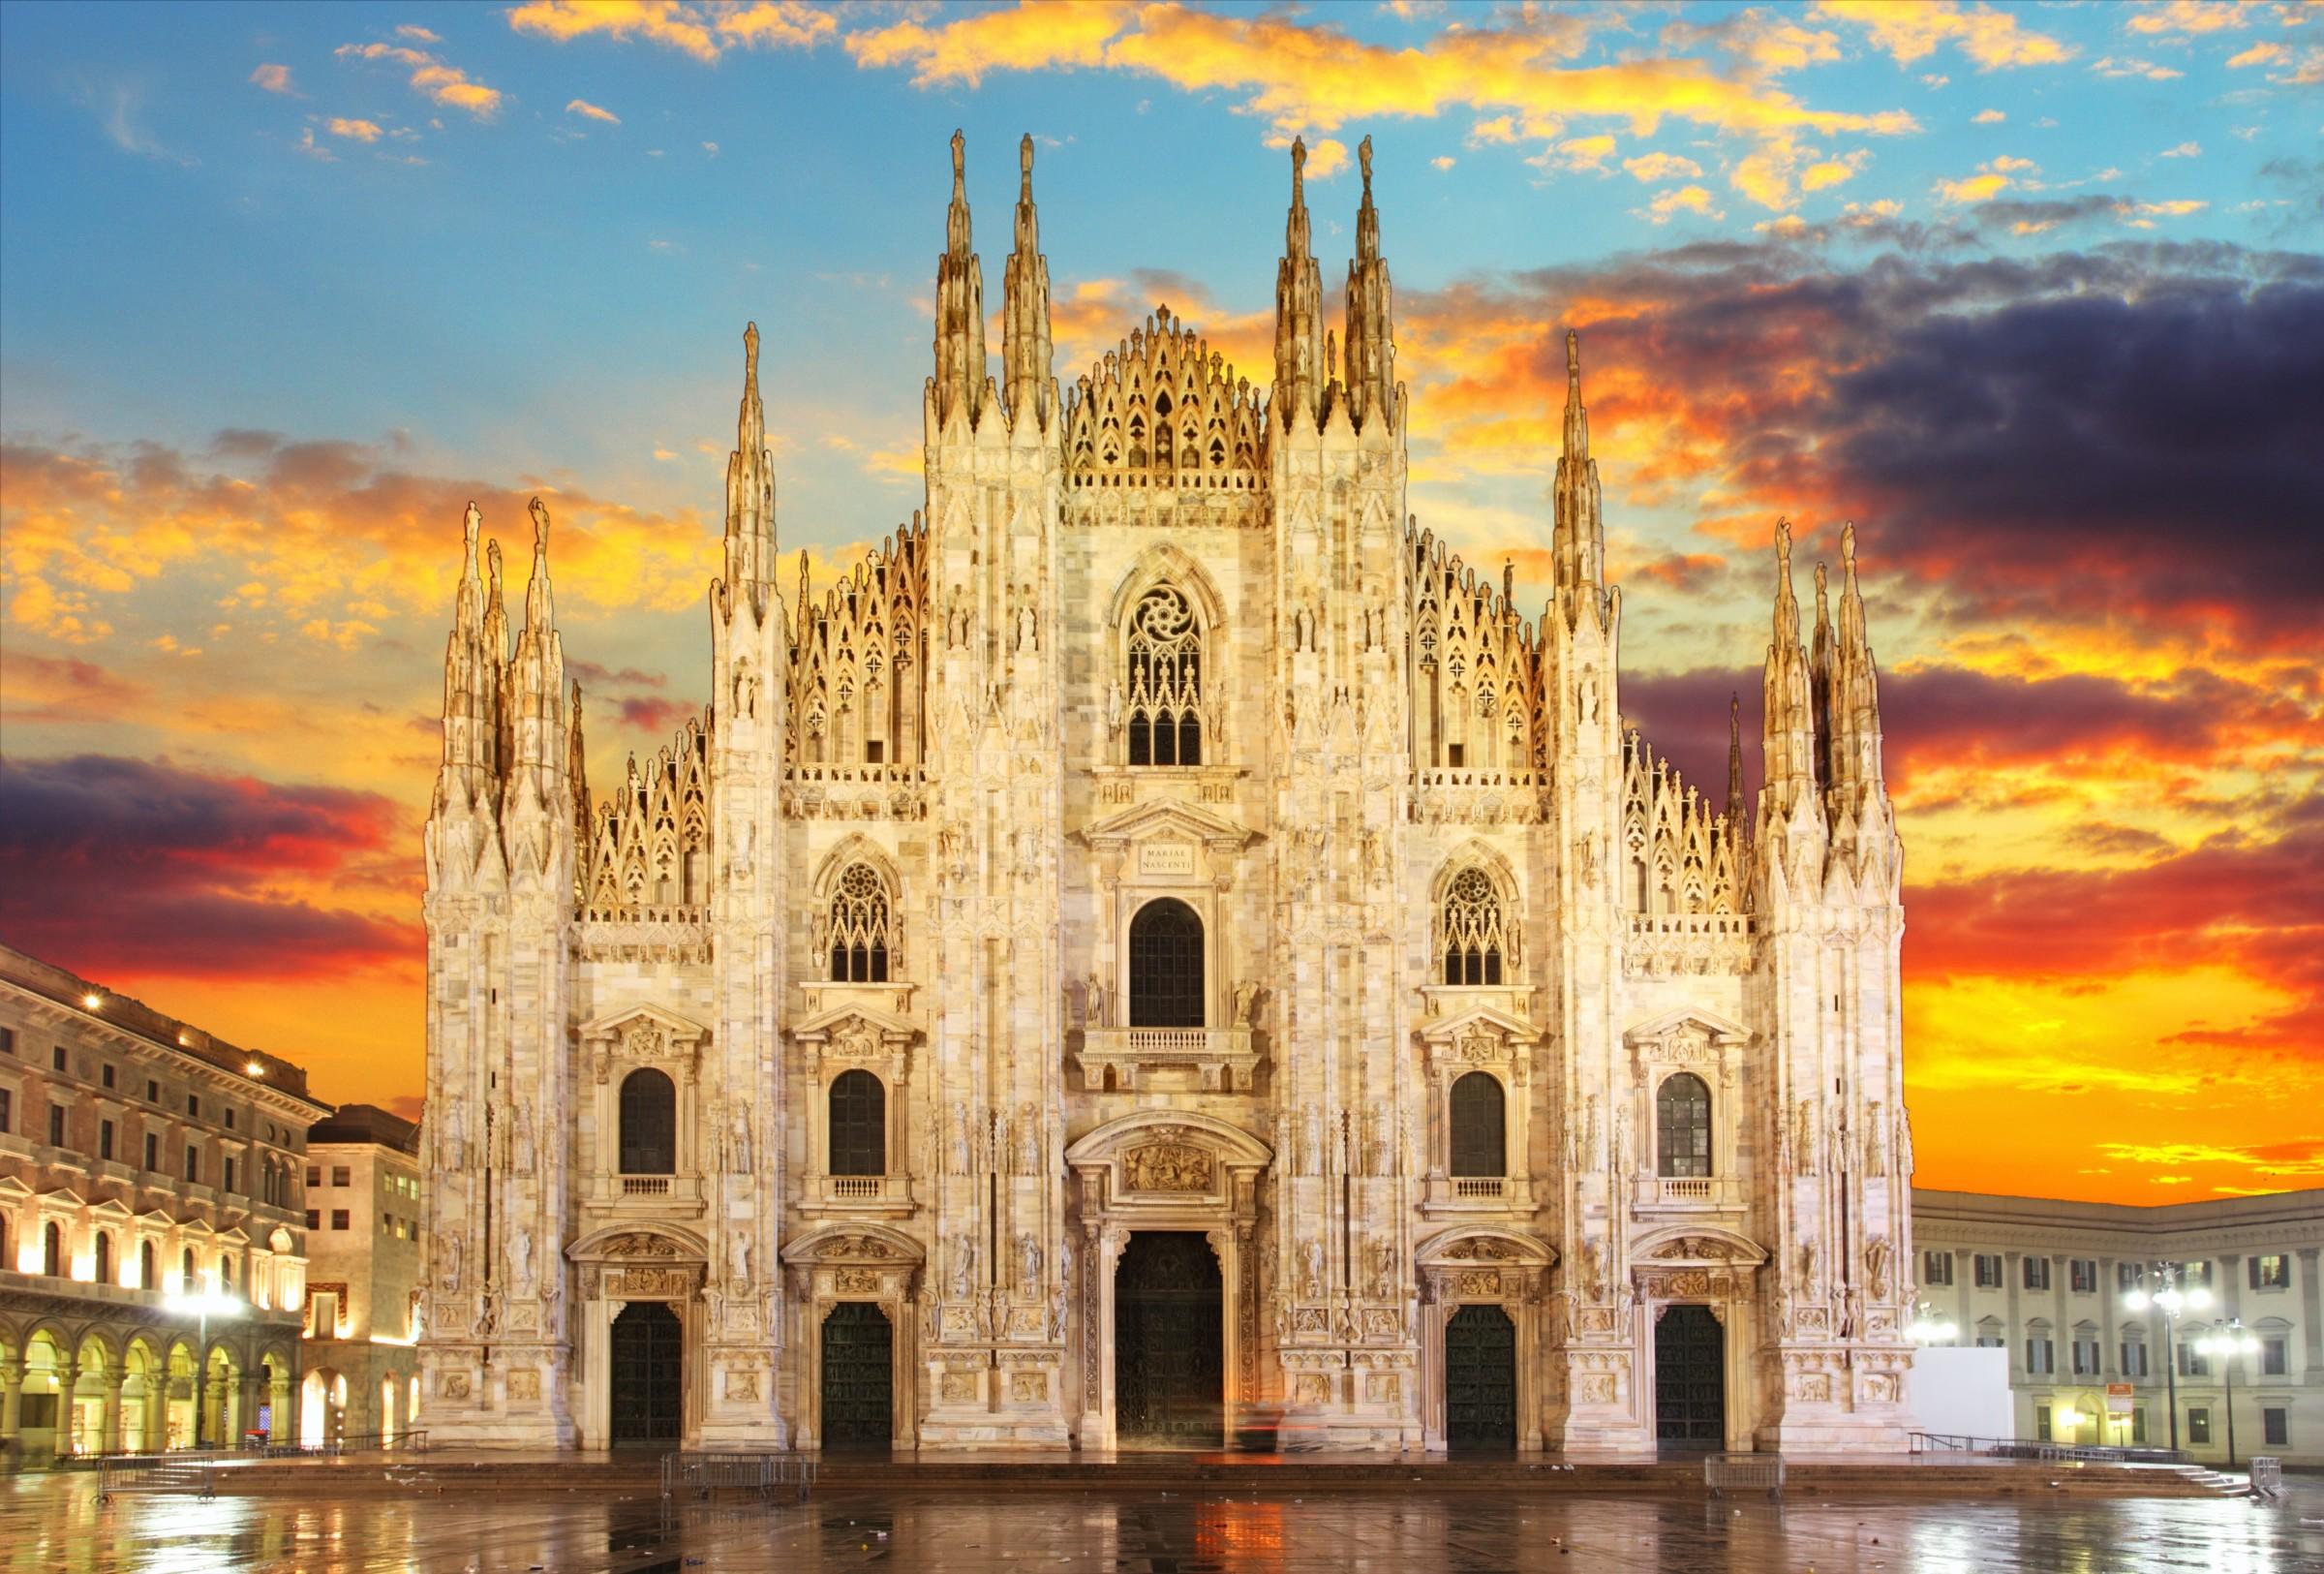 Milan - Duomo at dramatic sunset in Italy